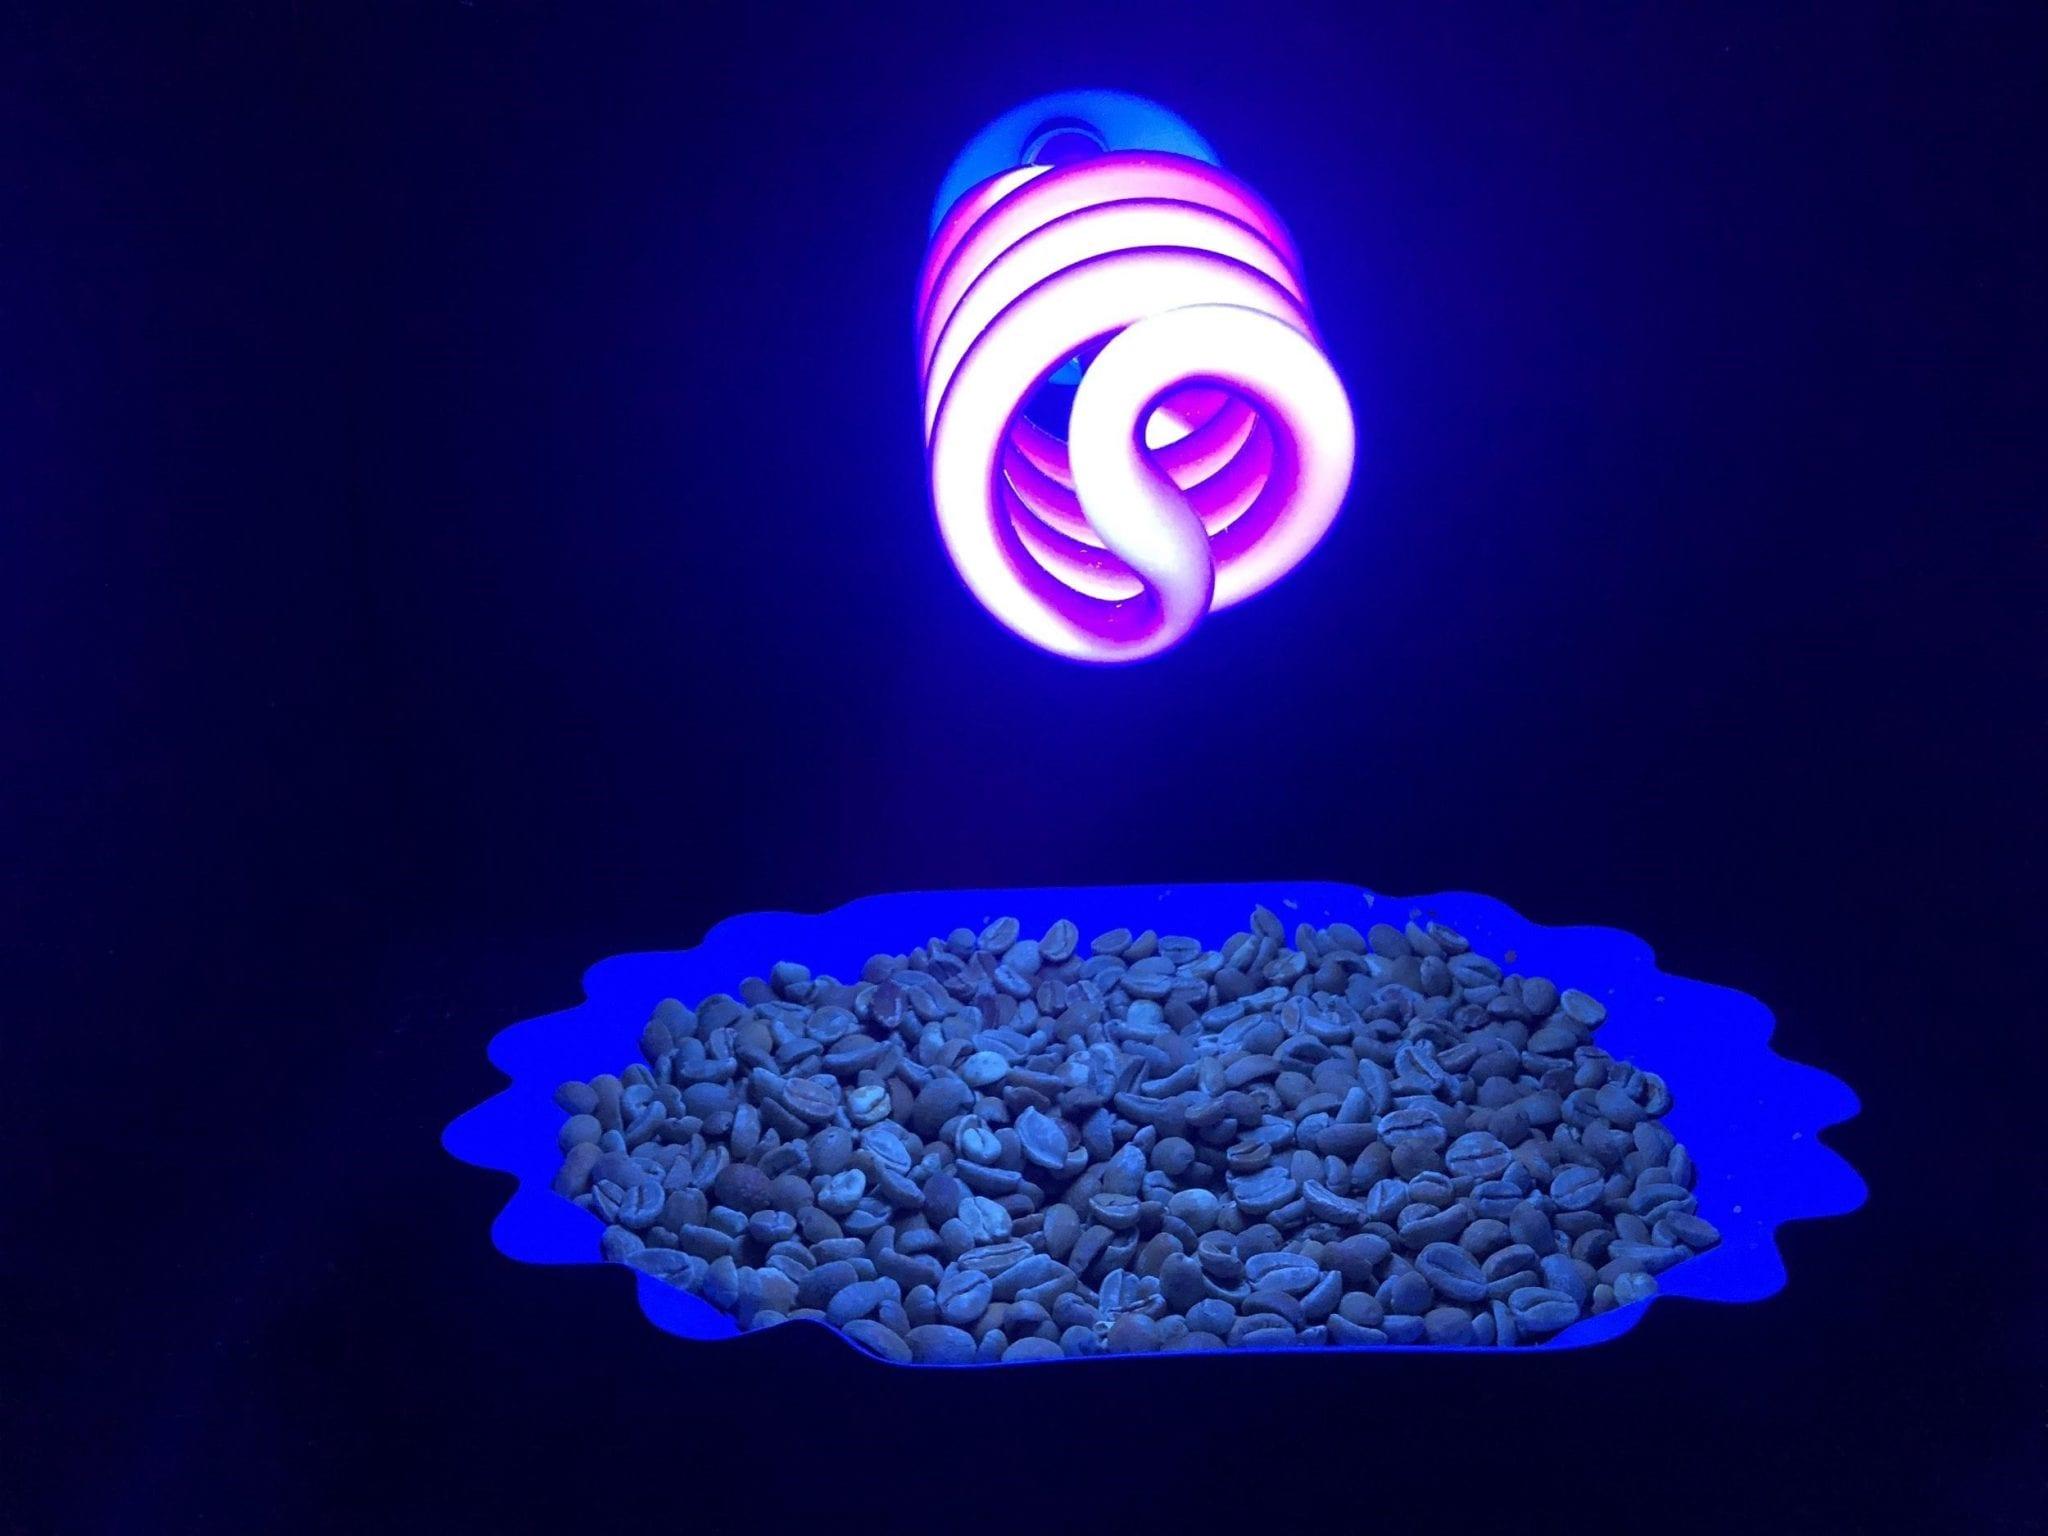 granos de cafe verde expuestos a luz uv